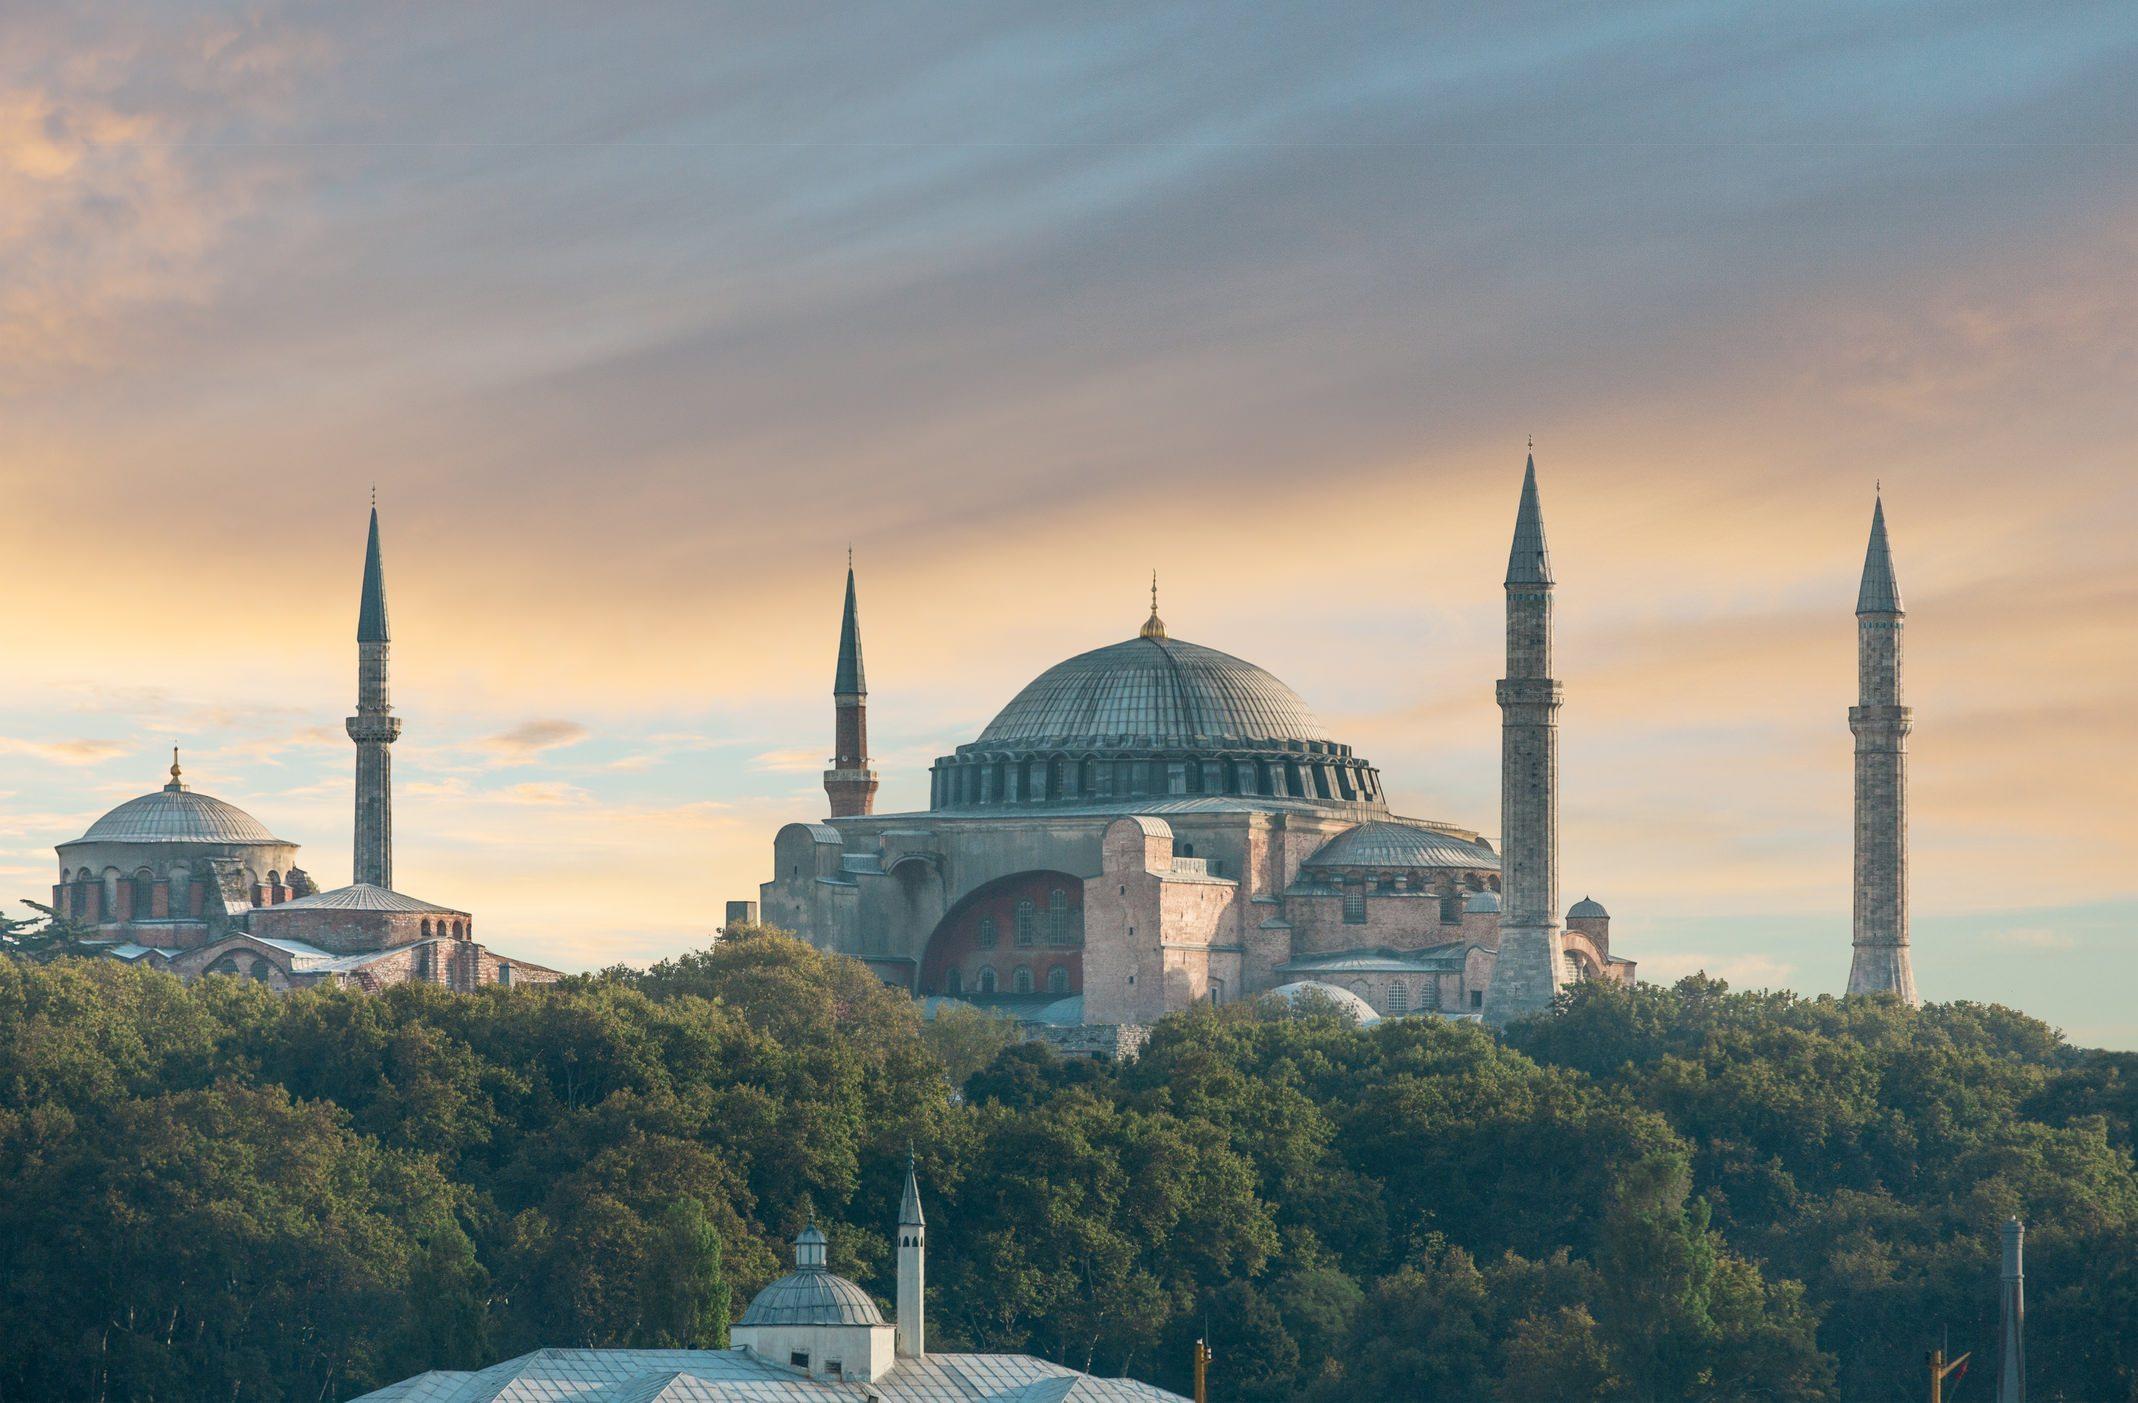 أهم متاحف اسطنبول التي ننصحك بزيارتها